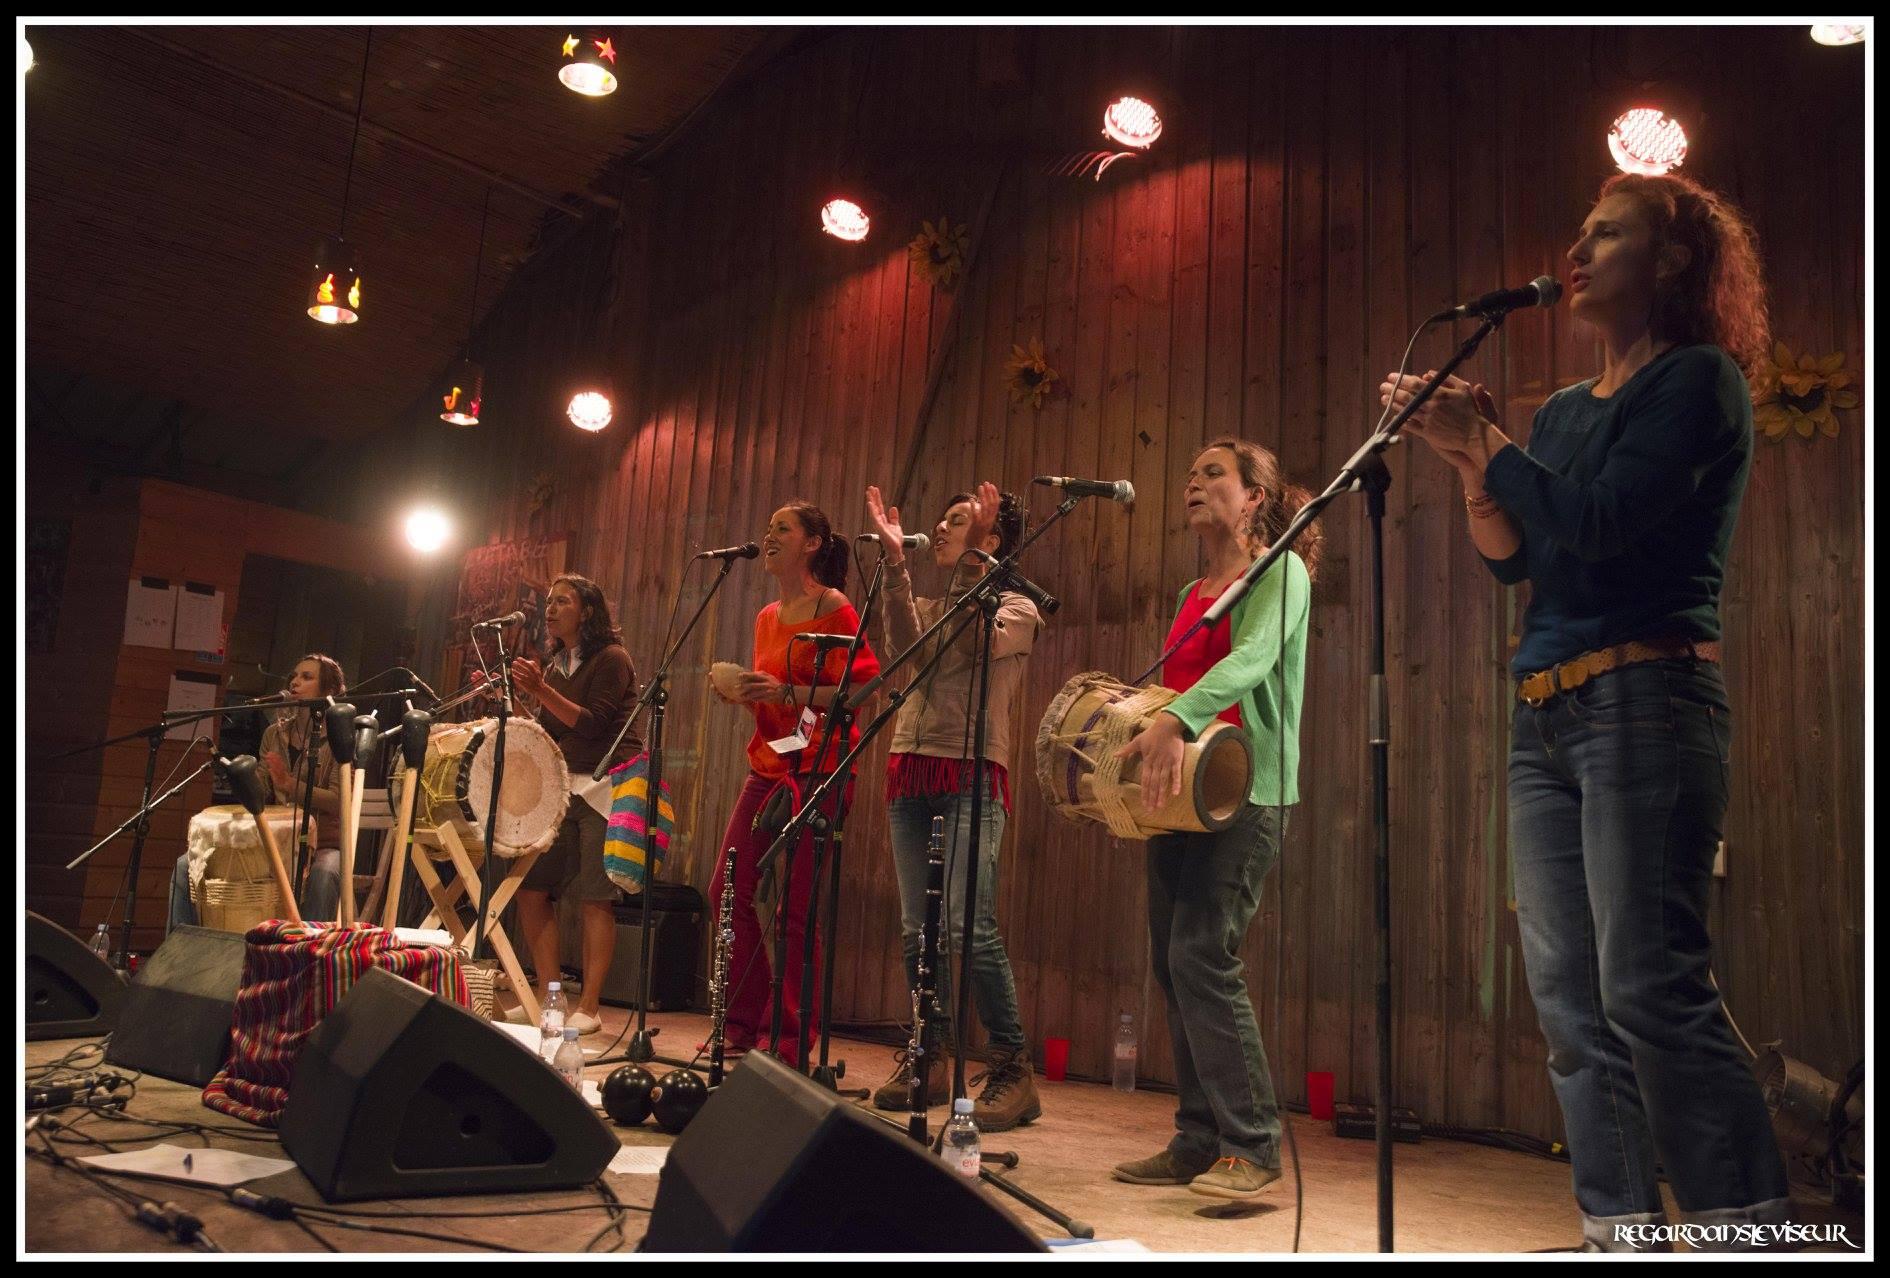 Valientes Gracias - Musique Afro-colombienne festive et percutante - Concert au Colibri